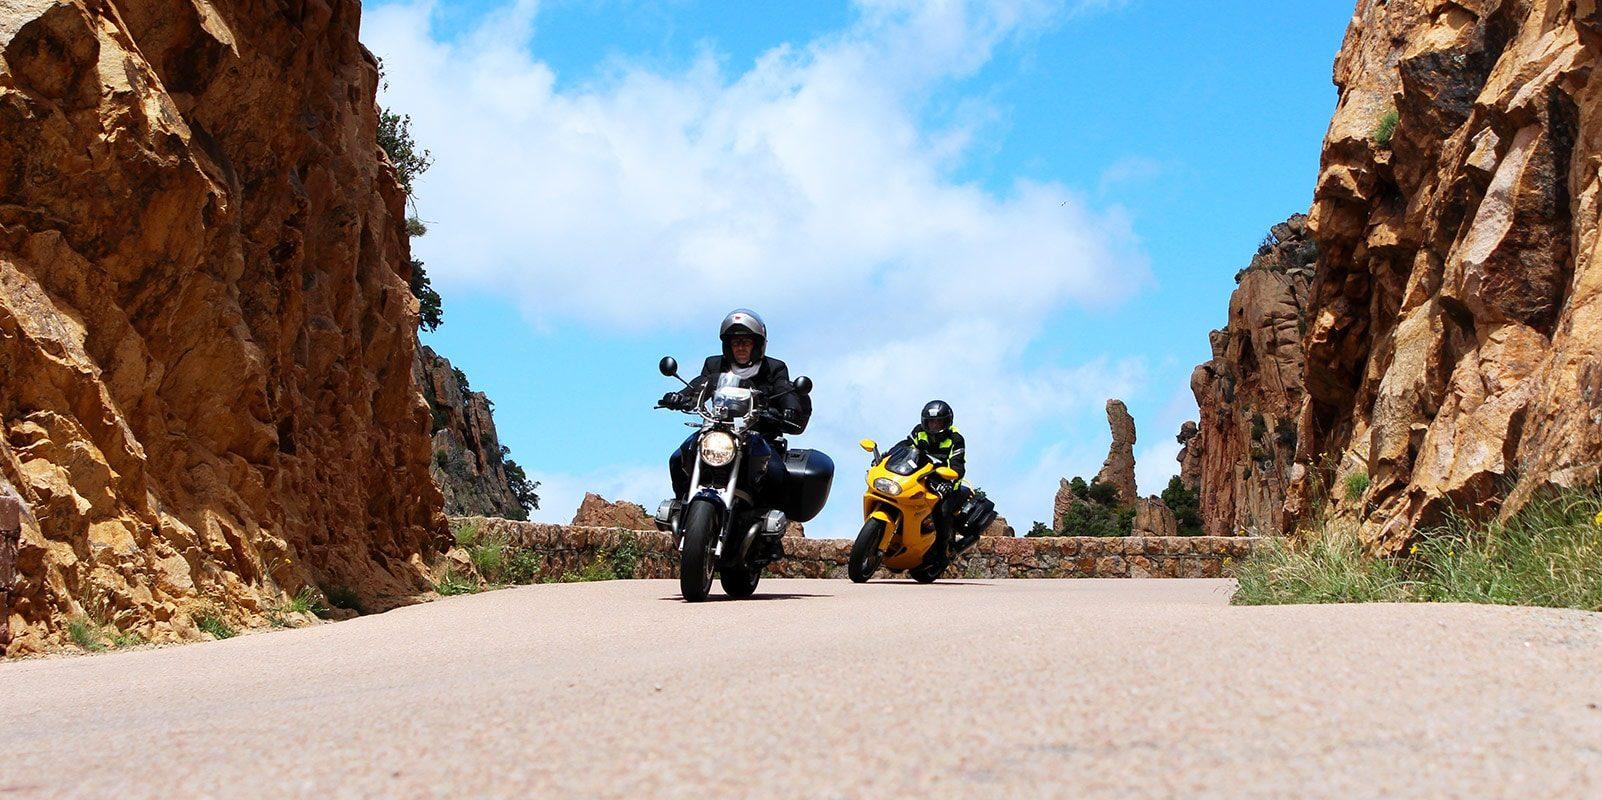 Motorrondreis Road Trip Motor Motor Corsica Calanques de Piana Frankrijk